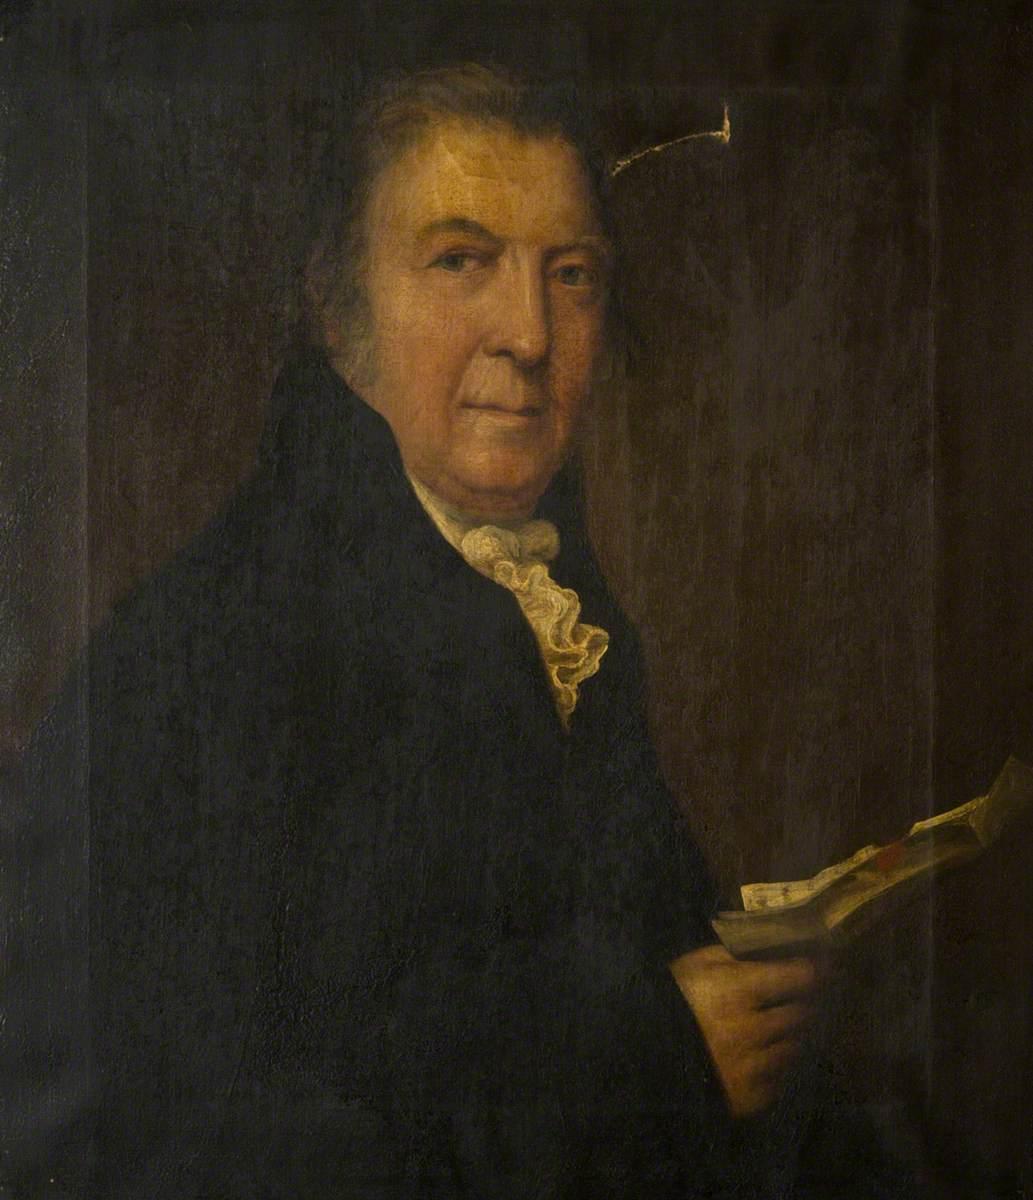 John Ewen Merchant, Aberdeen